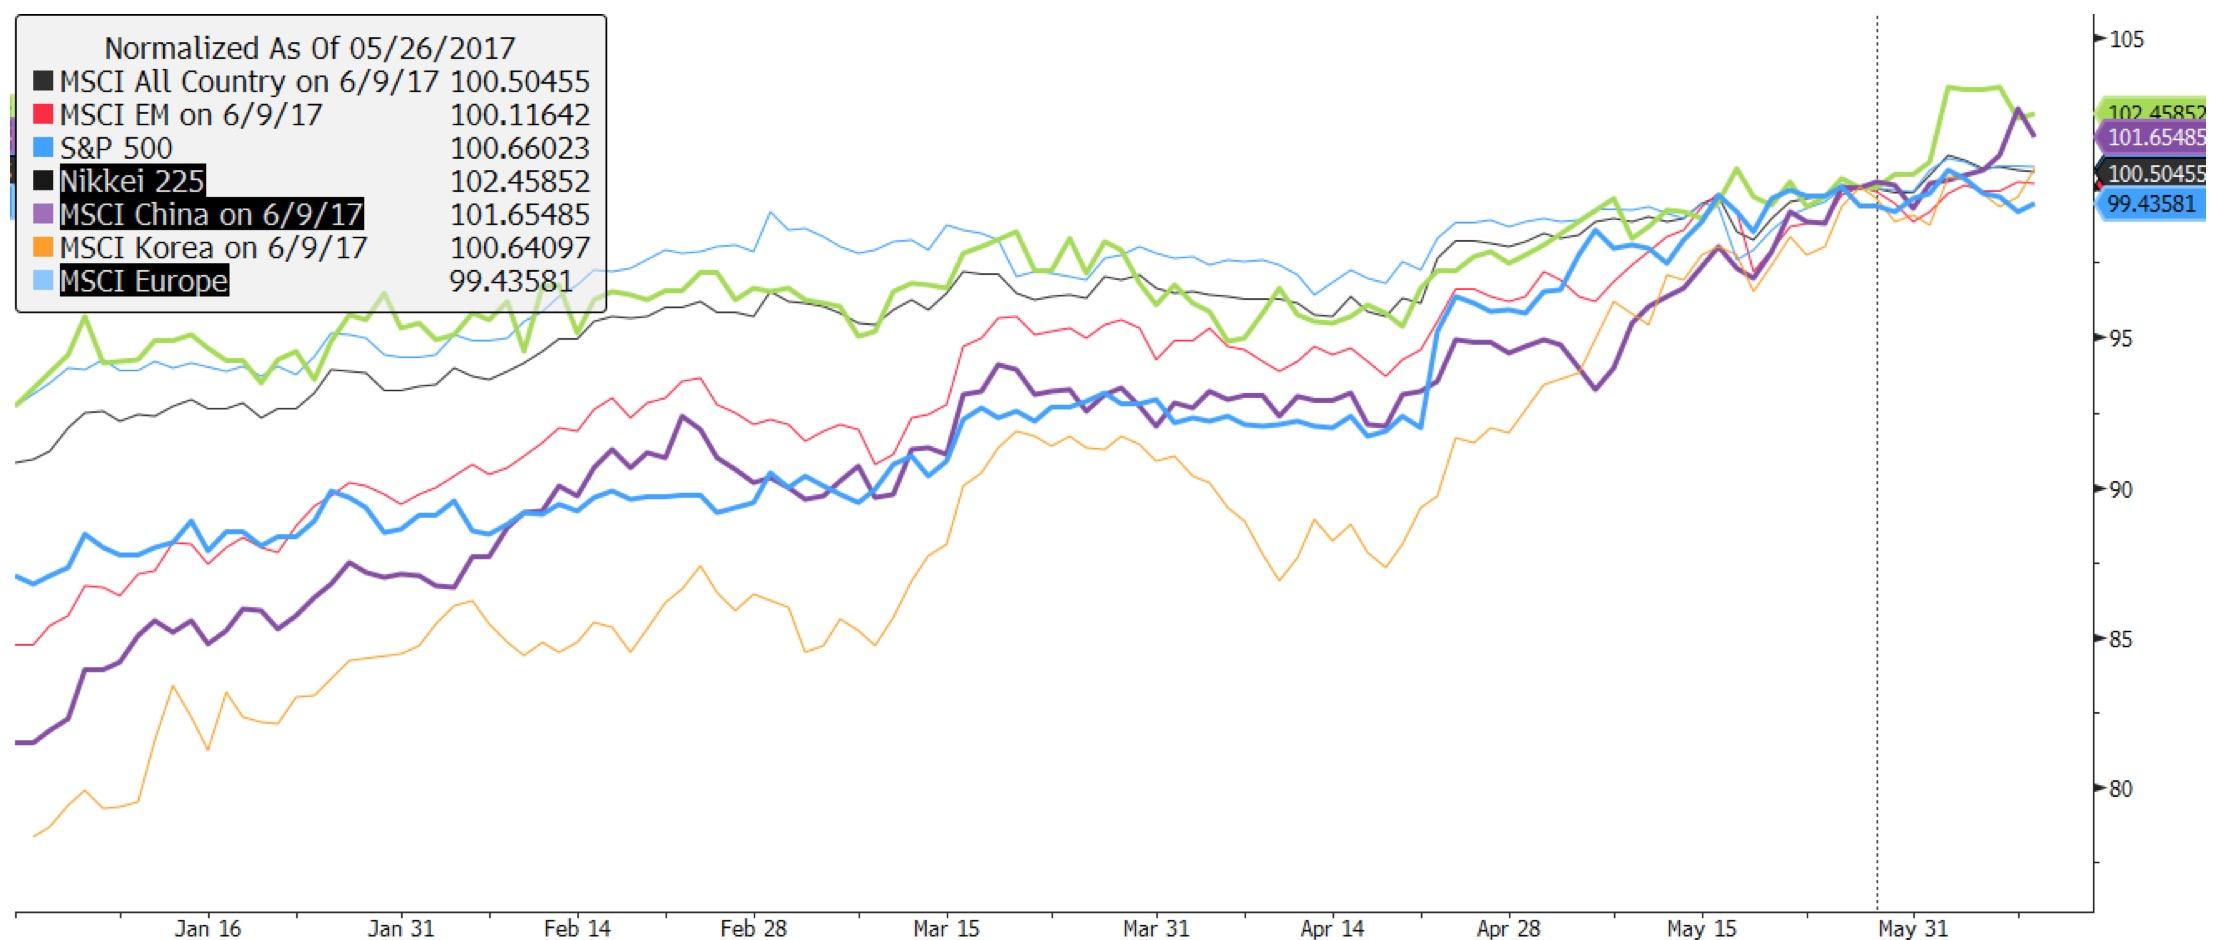 MSCI 세계지수, MSCI 이머징마켓지수, 미국 S&P500지수, 일본 니케이225지수, MSCI 중국지수, MSCI 한국지수 / 모두 미국 달러(USD) 기준 ⓒ강대권 (source: Bloomberg)